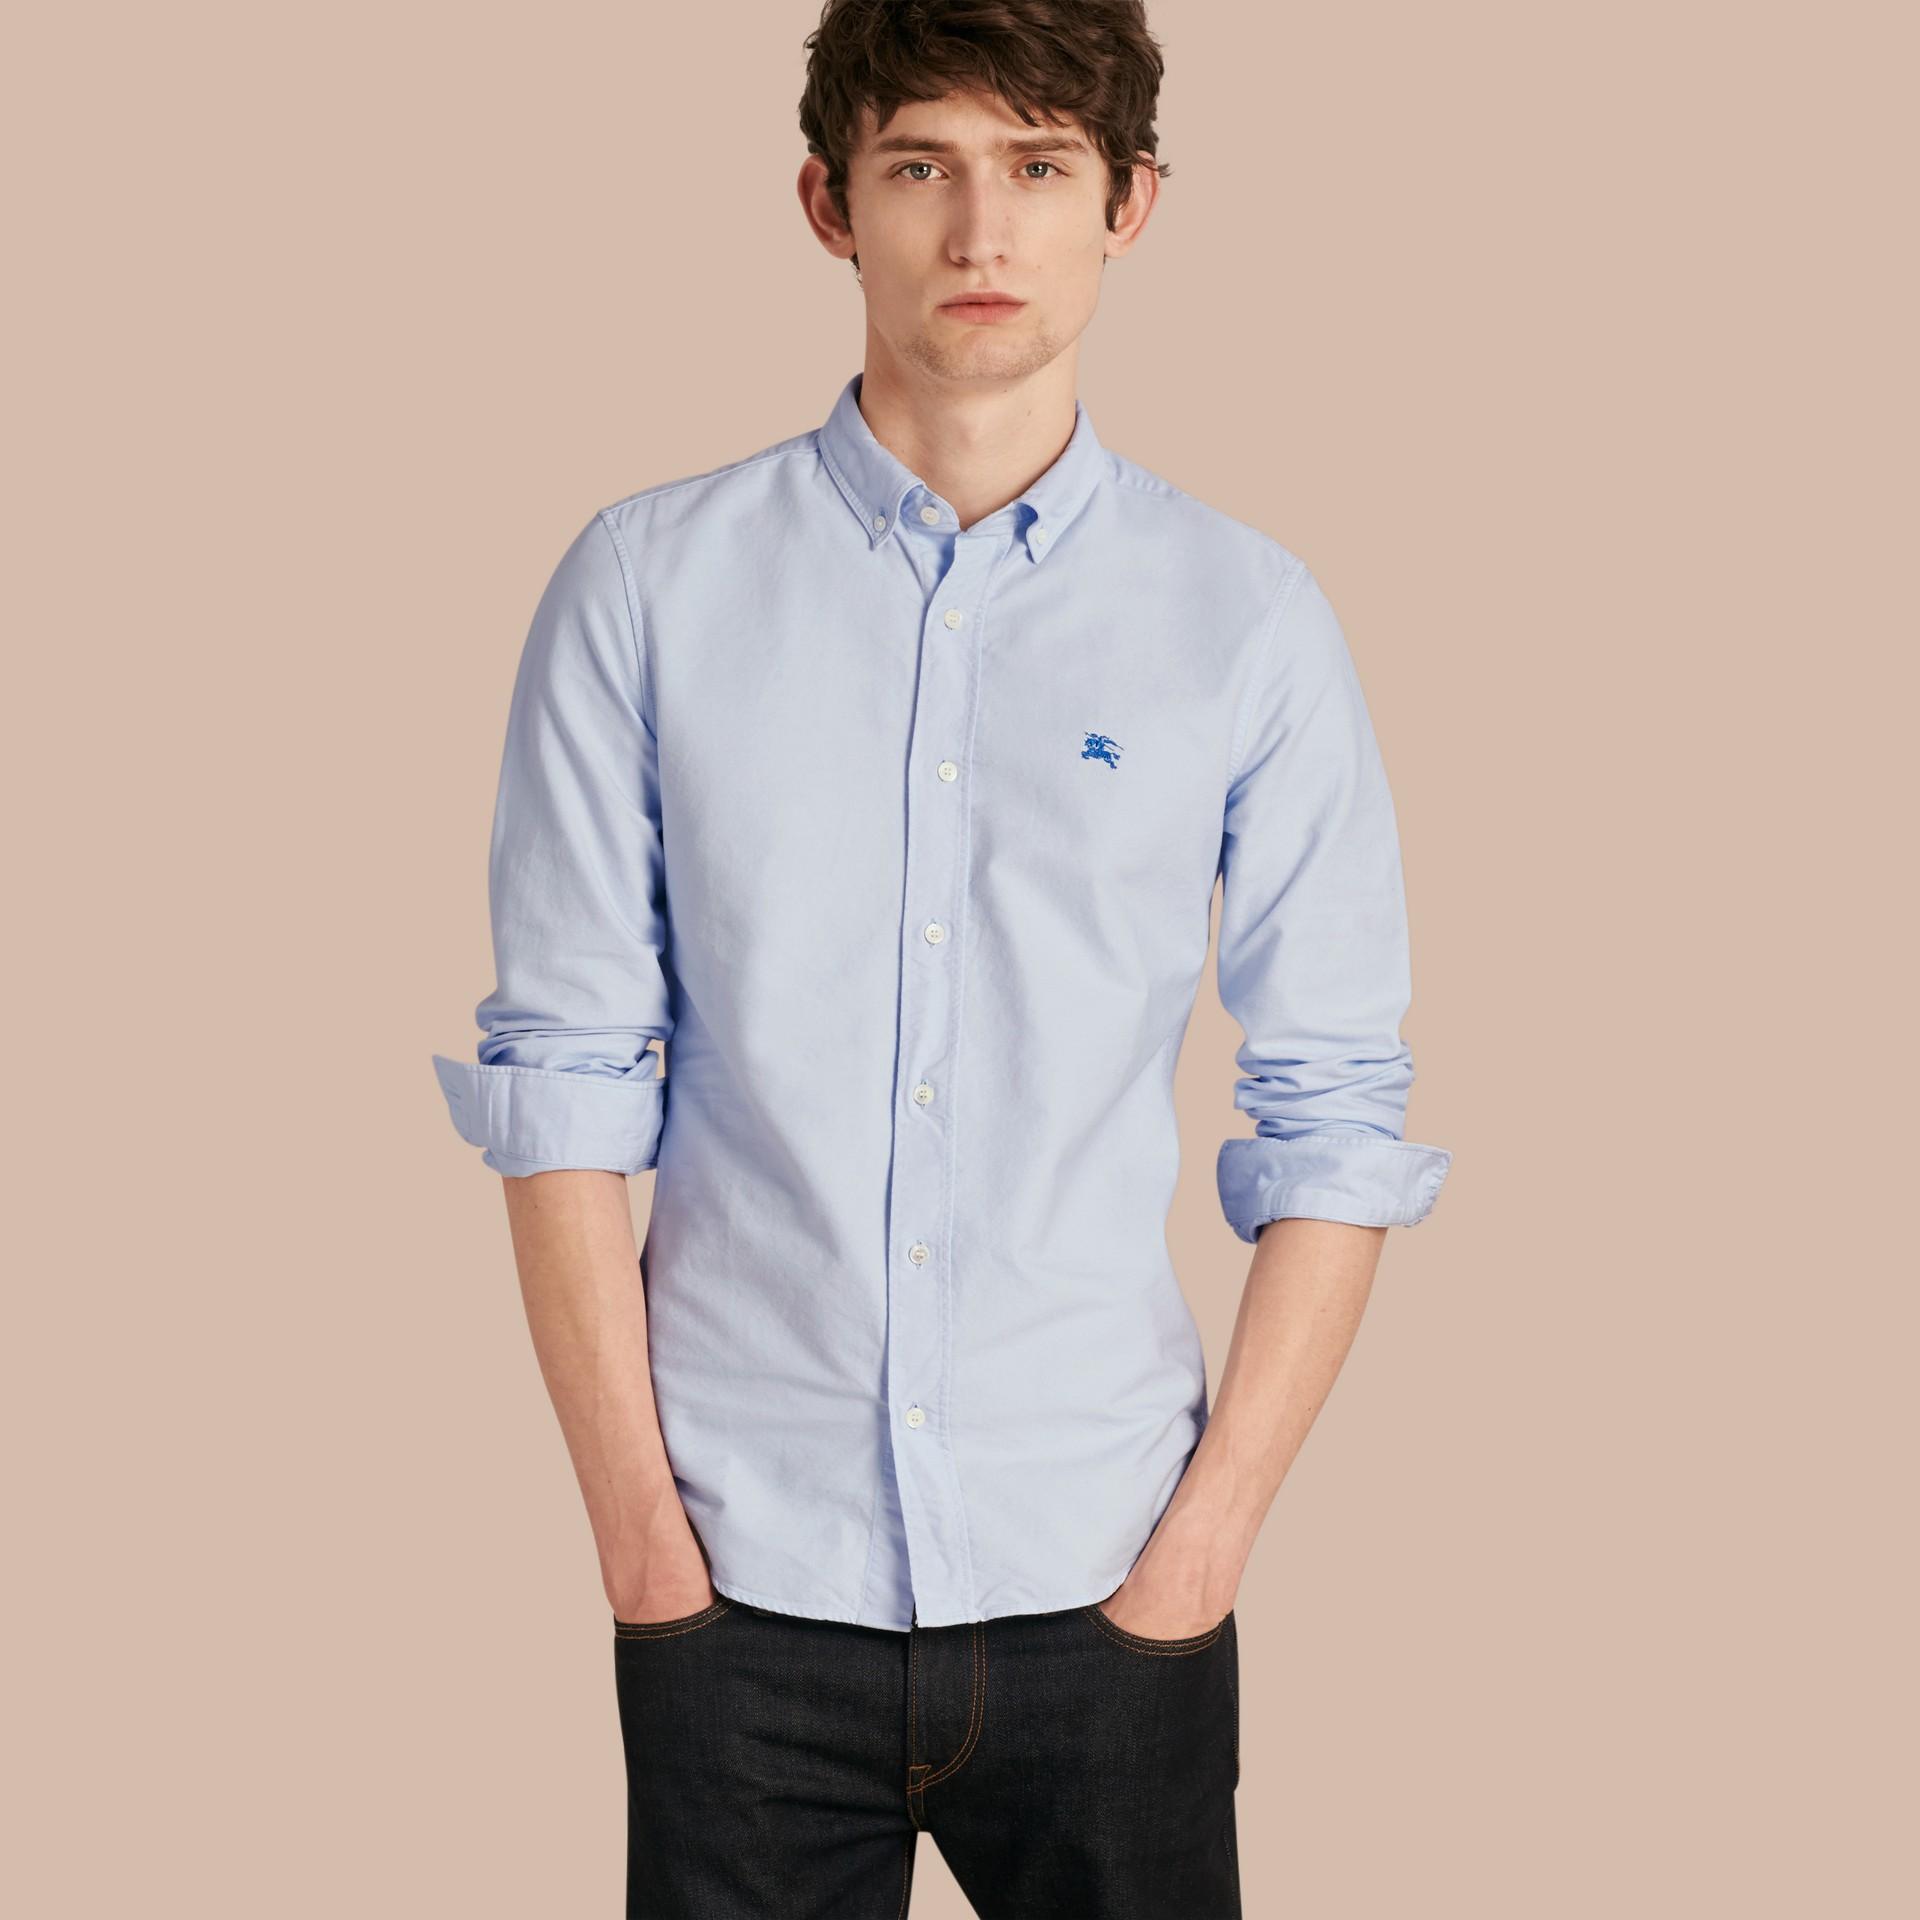 페일 블루 코튼 옥스퍼드 셔츠 페일 블루 - 갤러리 이미지 1